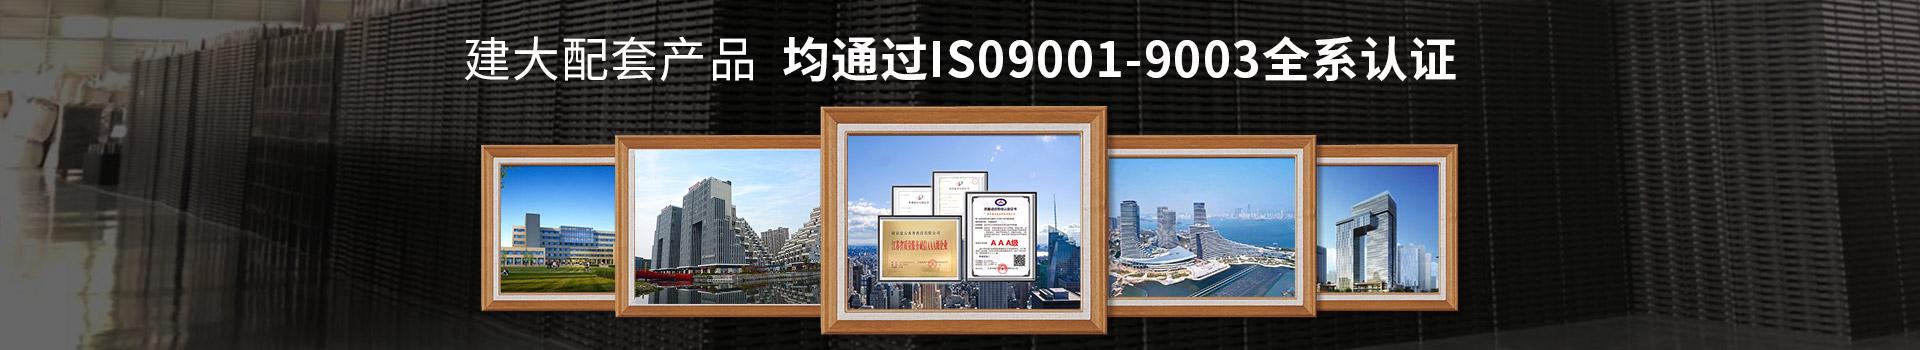 建大新材配套产品 均通过IS09001-9003全系认证